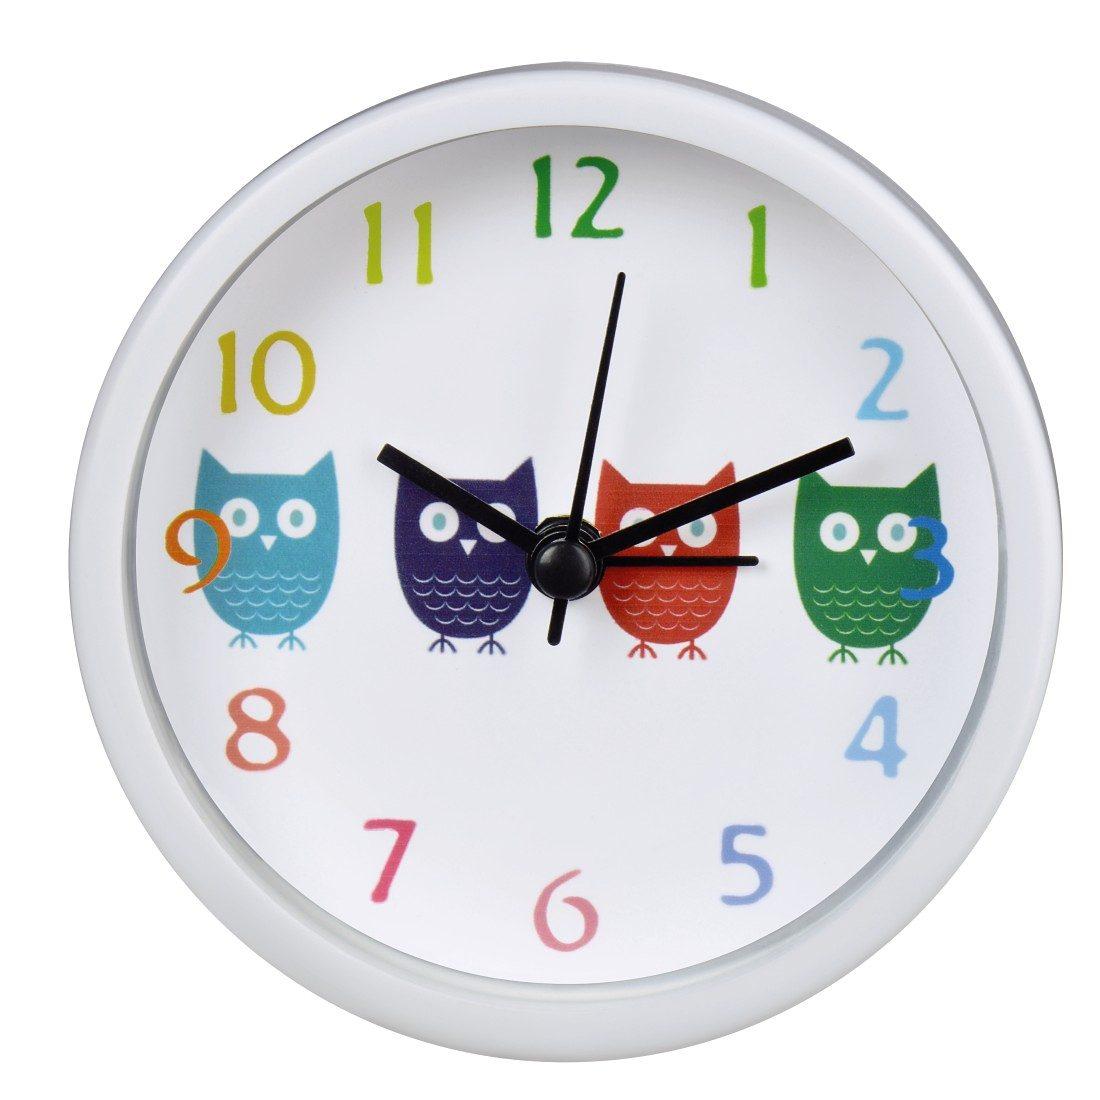 Hama Kinderwecker Wecker Uhr mit analoger Anzeige, geräuscharm »Eulen«